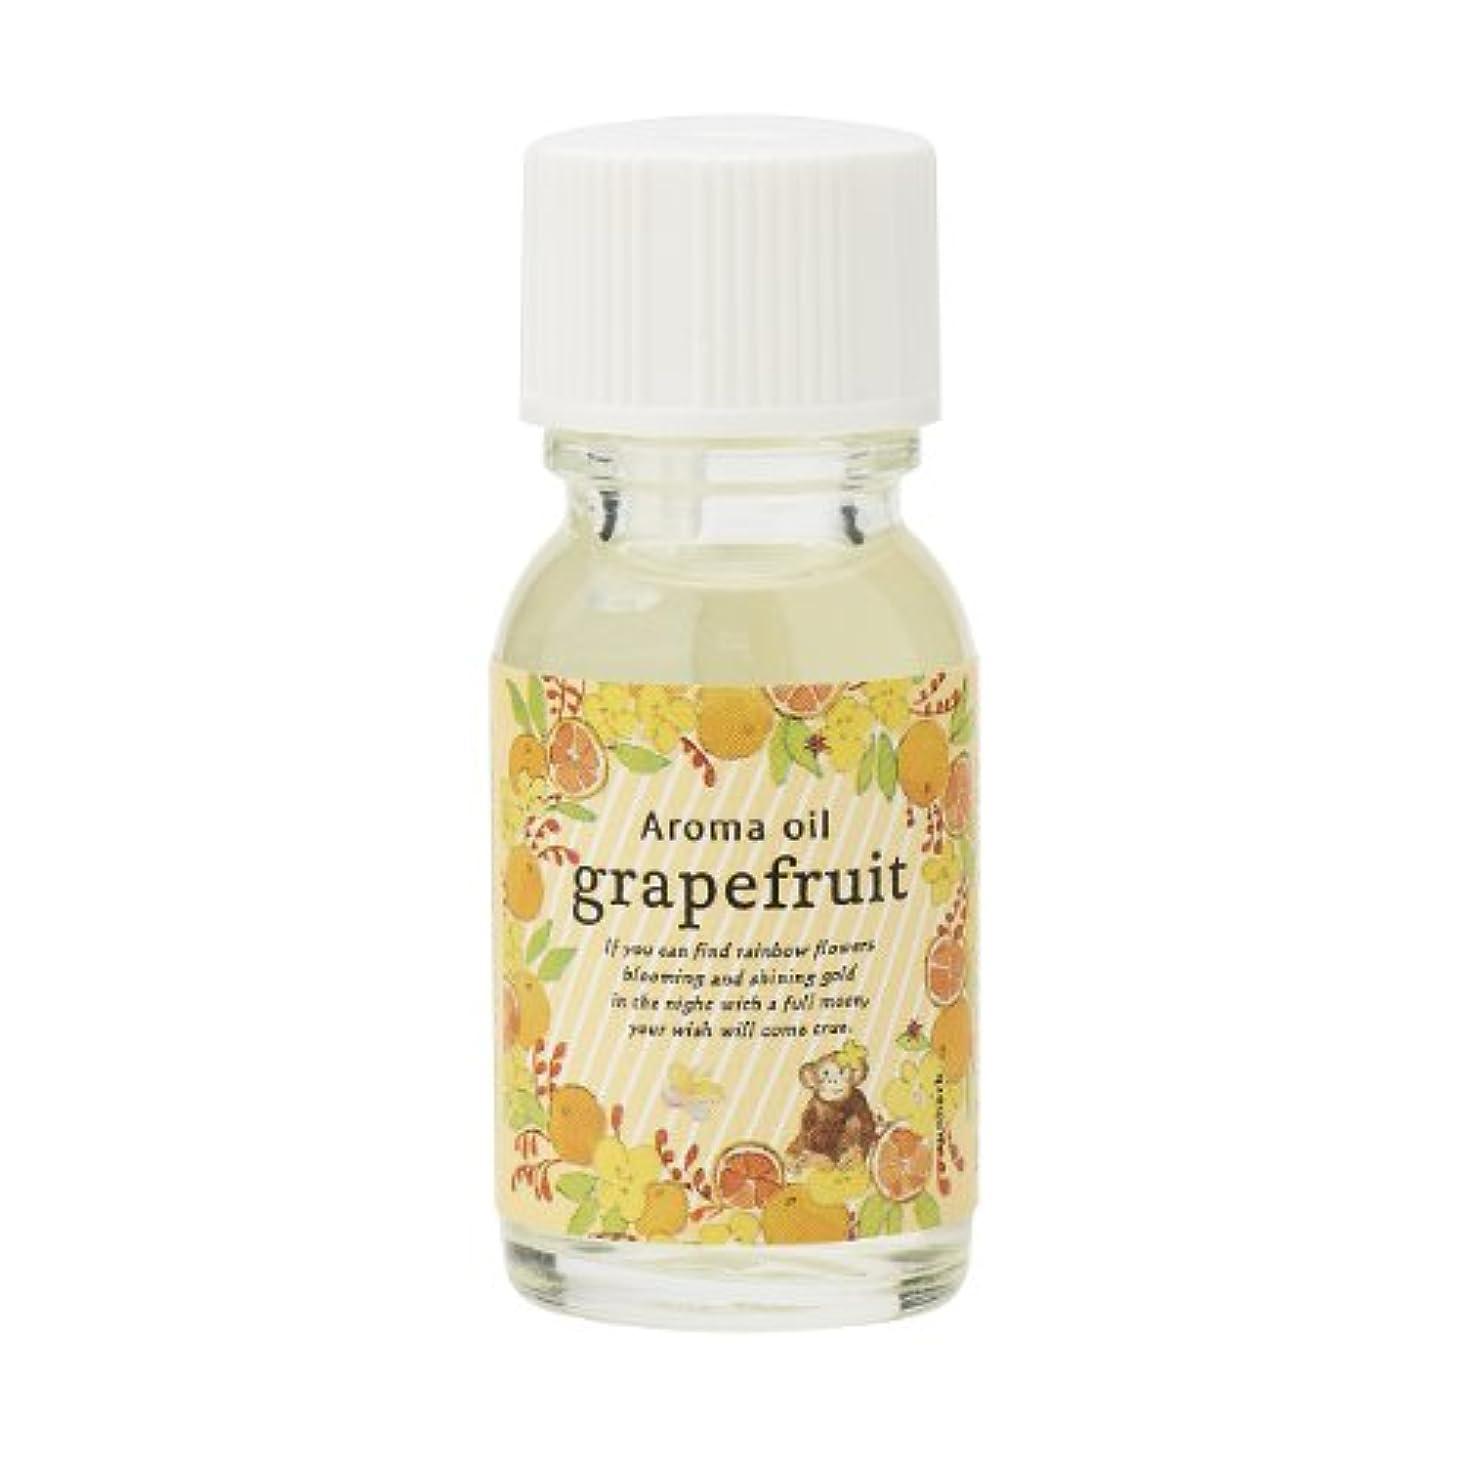 軽くれんがイタリックサンハーブ アロマオイル グレープフルーツ 13ml(シャキっとまぶしい柑橘系の香り)